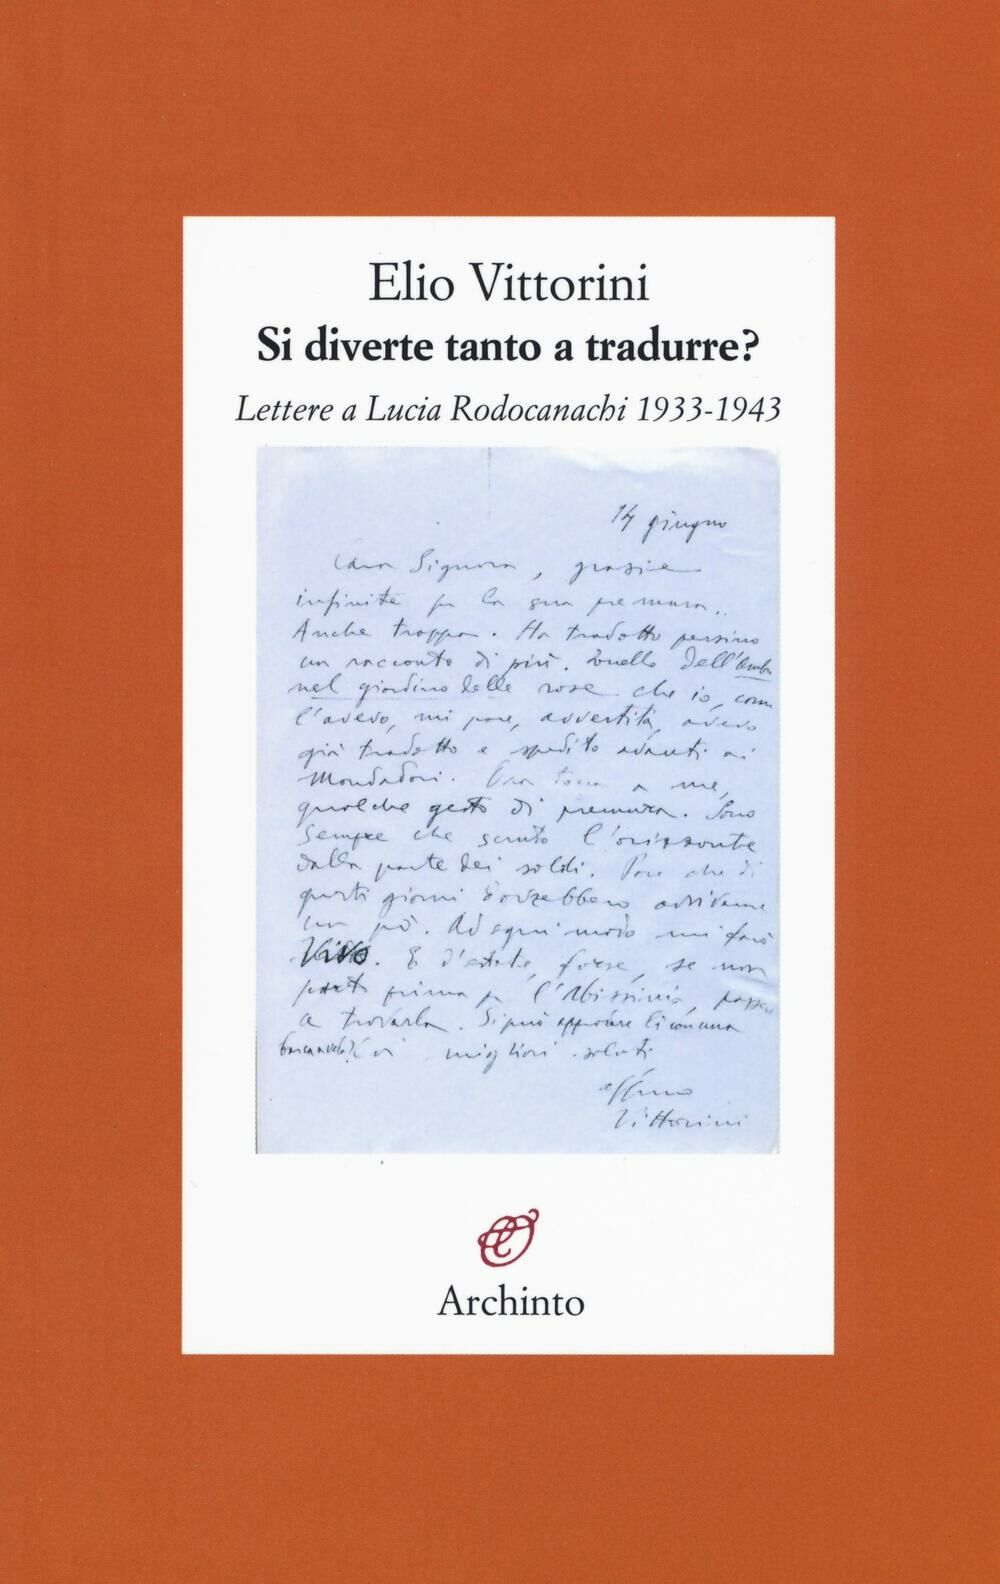 Si diverte tanto a tradurre? Lettere a Lucia Rodocanachi 1933-1943